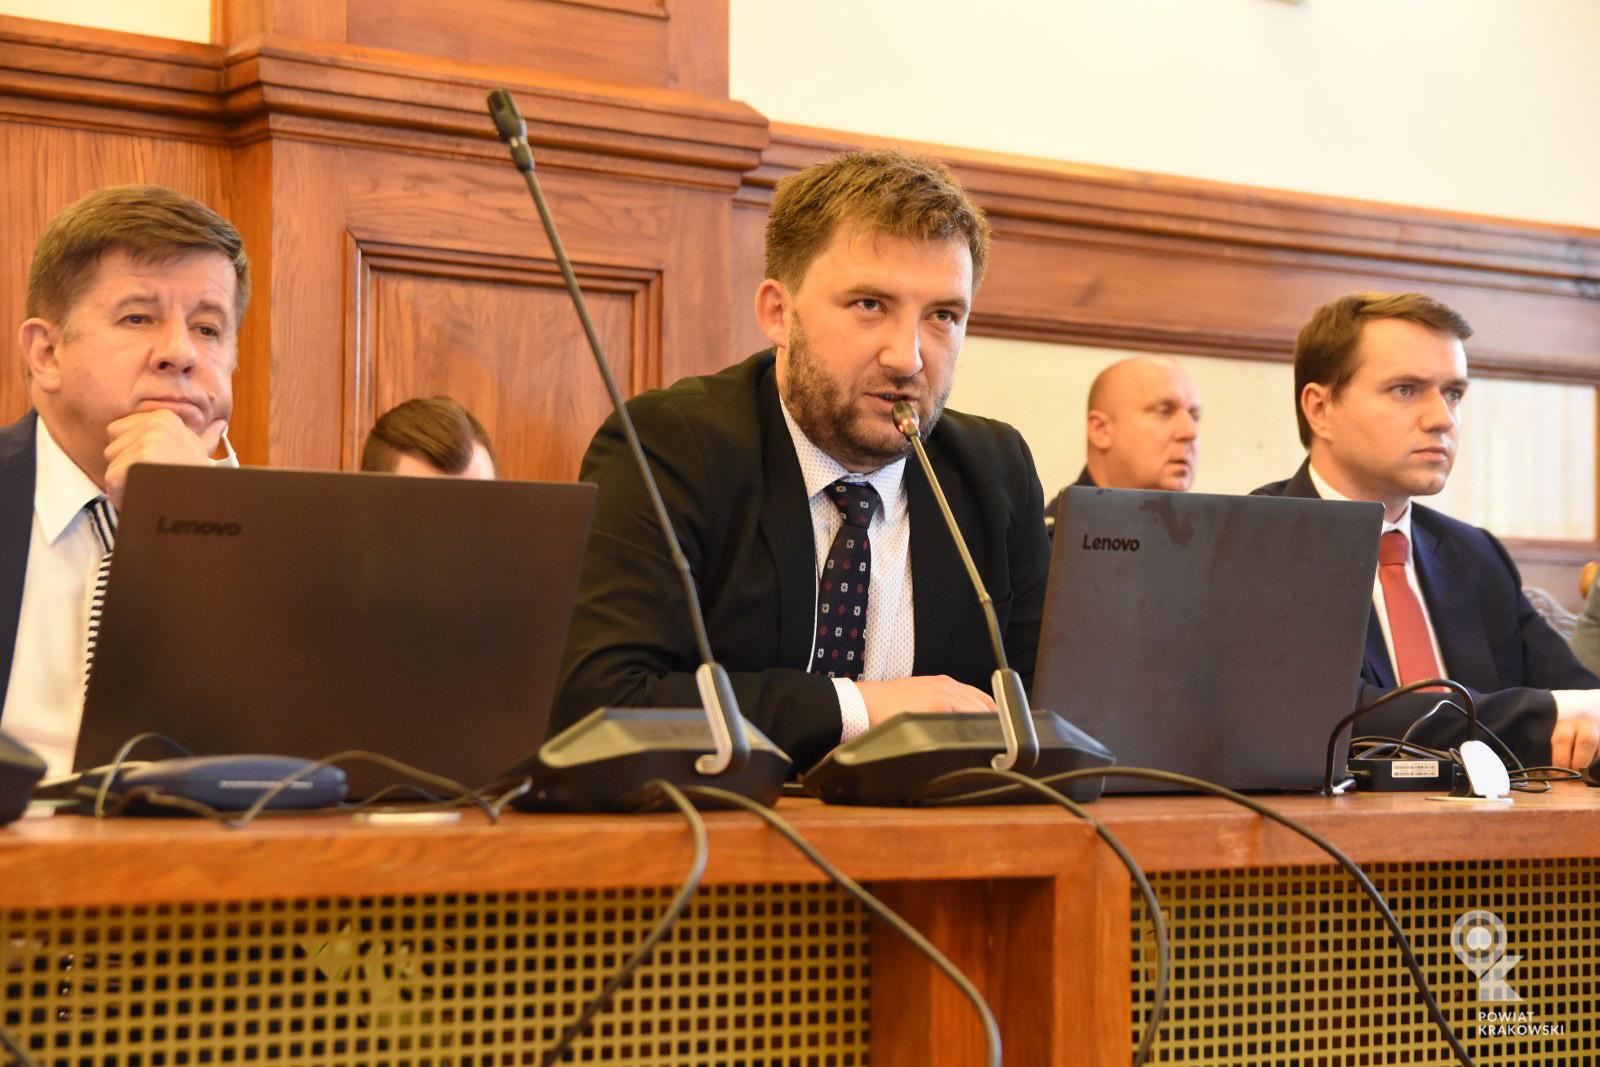 Radny Grzegorz Małodobry siedzi za stołem, mówi do mikrofonu. Przed nim otwarty laptop